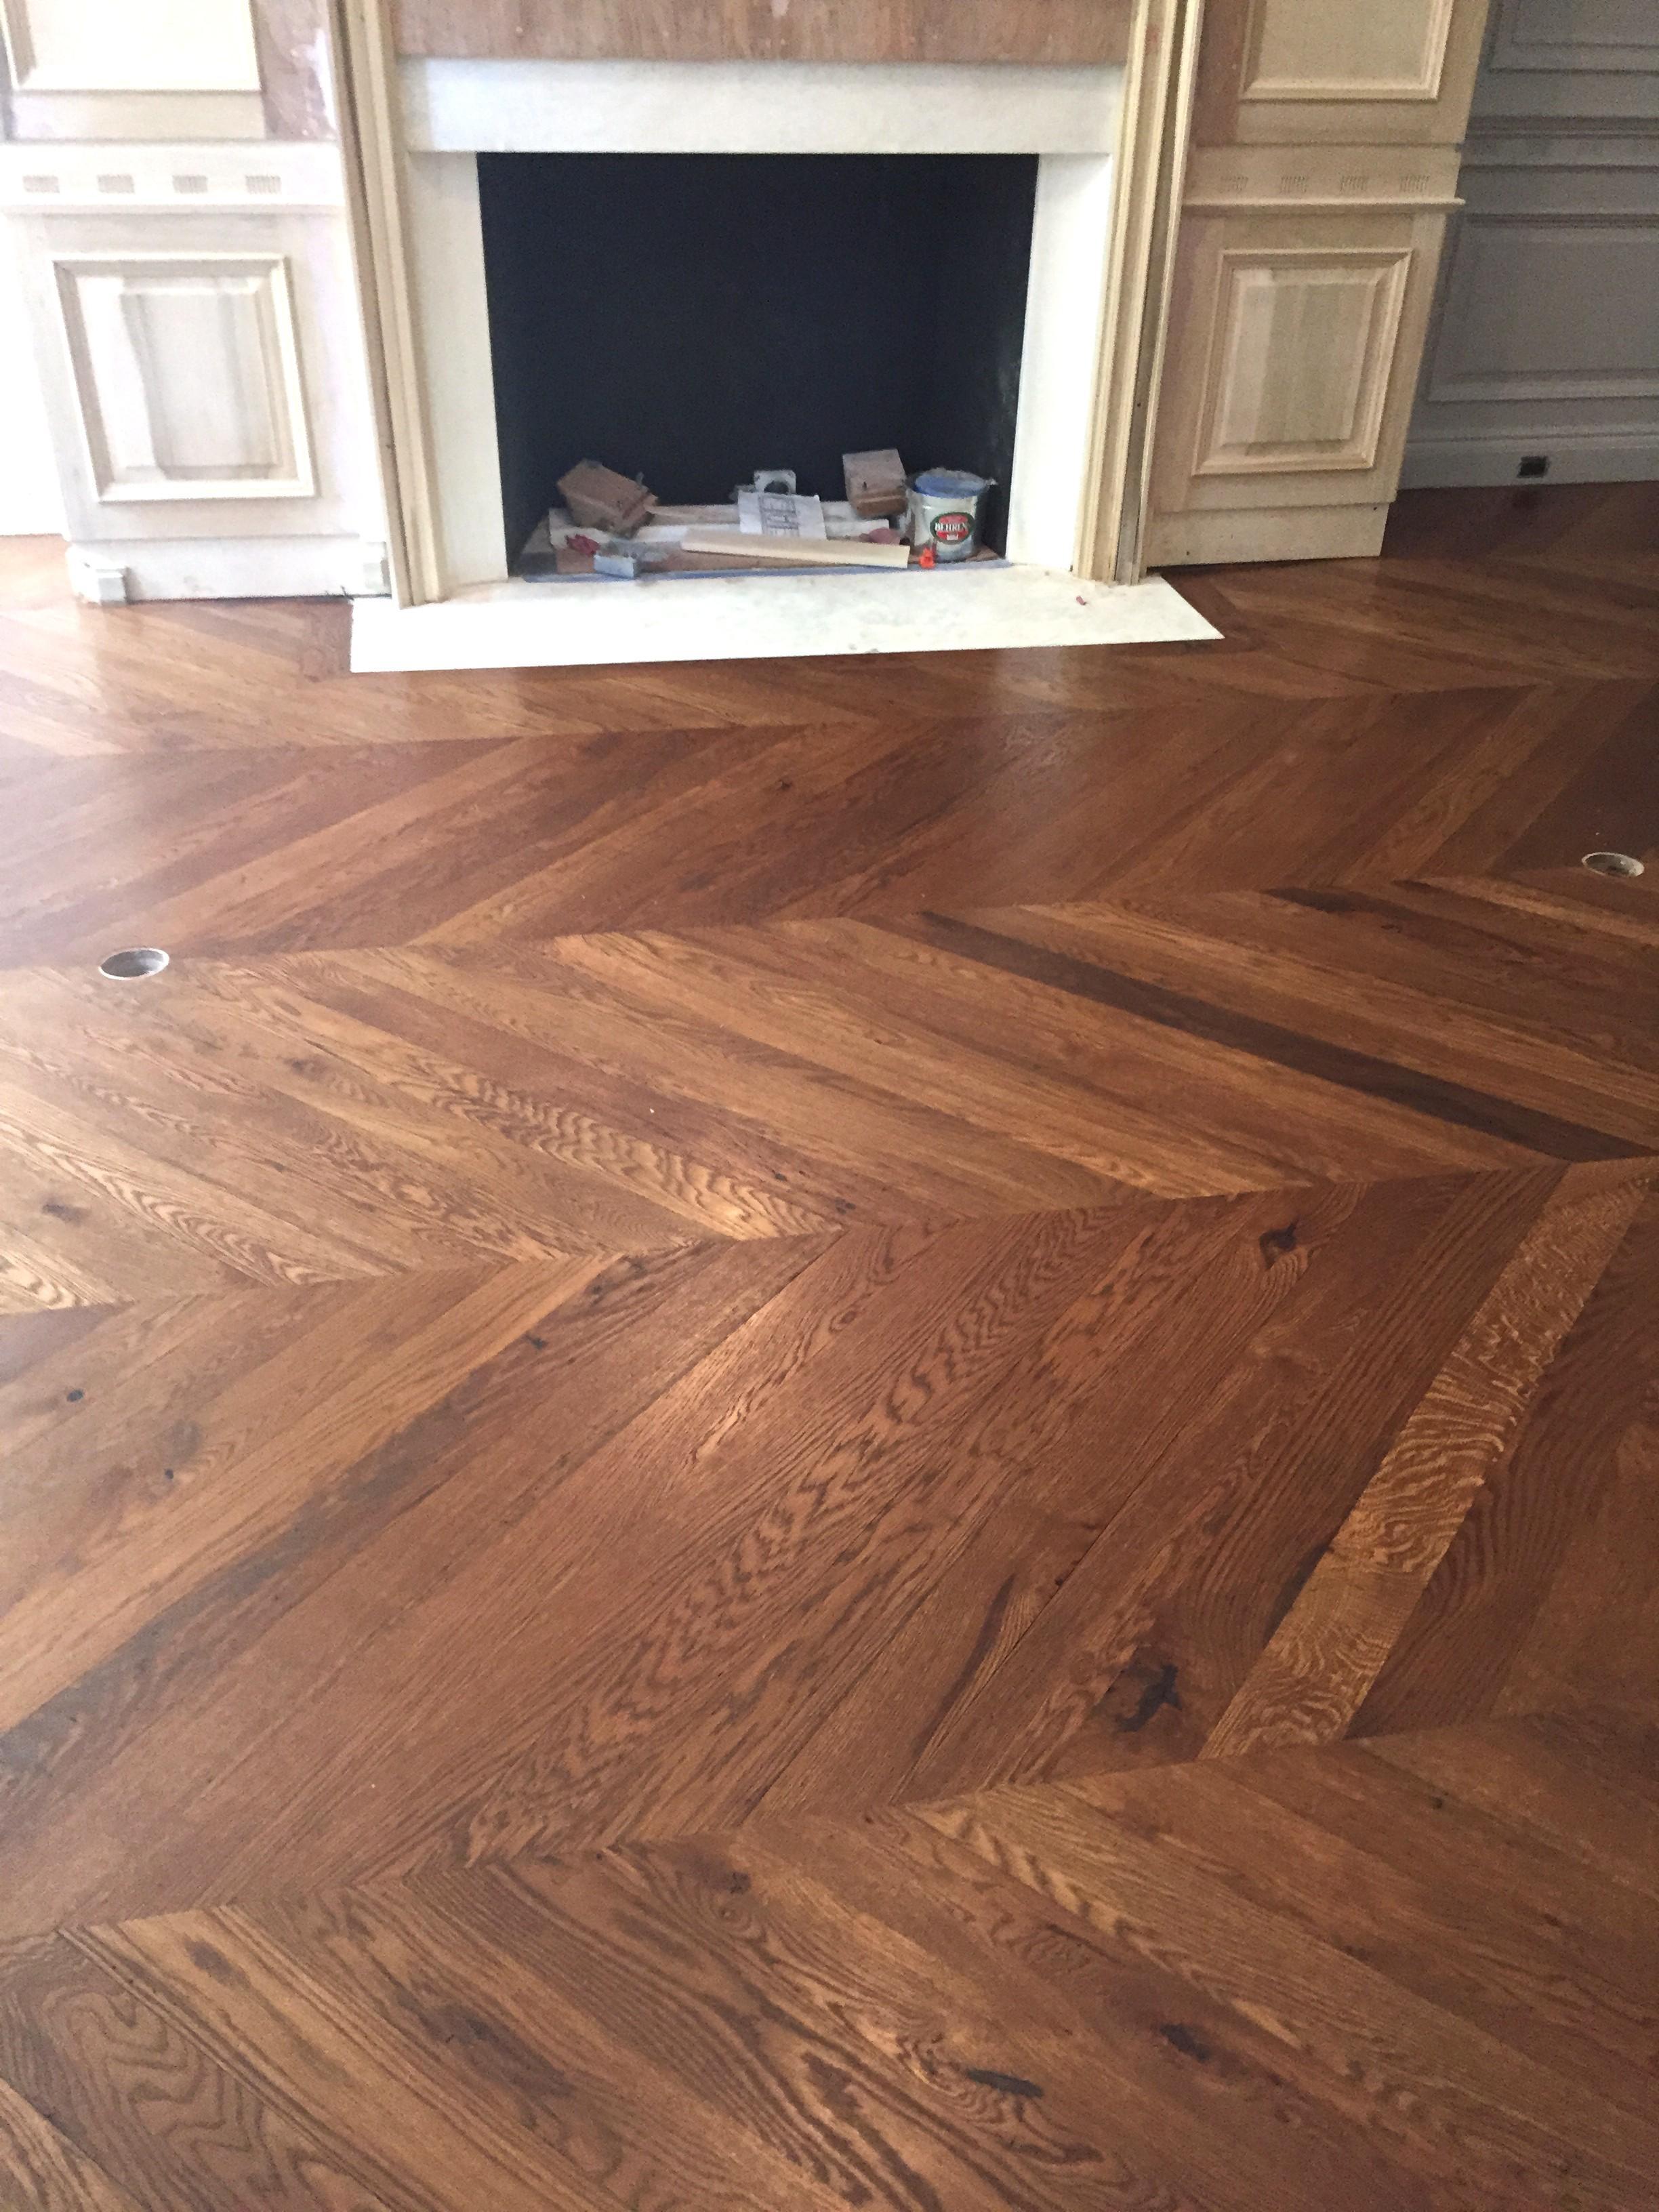 Joe DiNardis Hardwood Floors Refinishing image 1